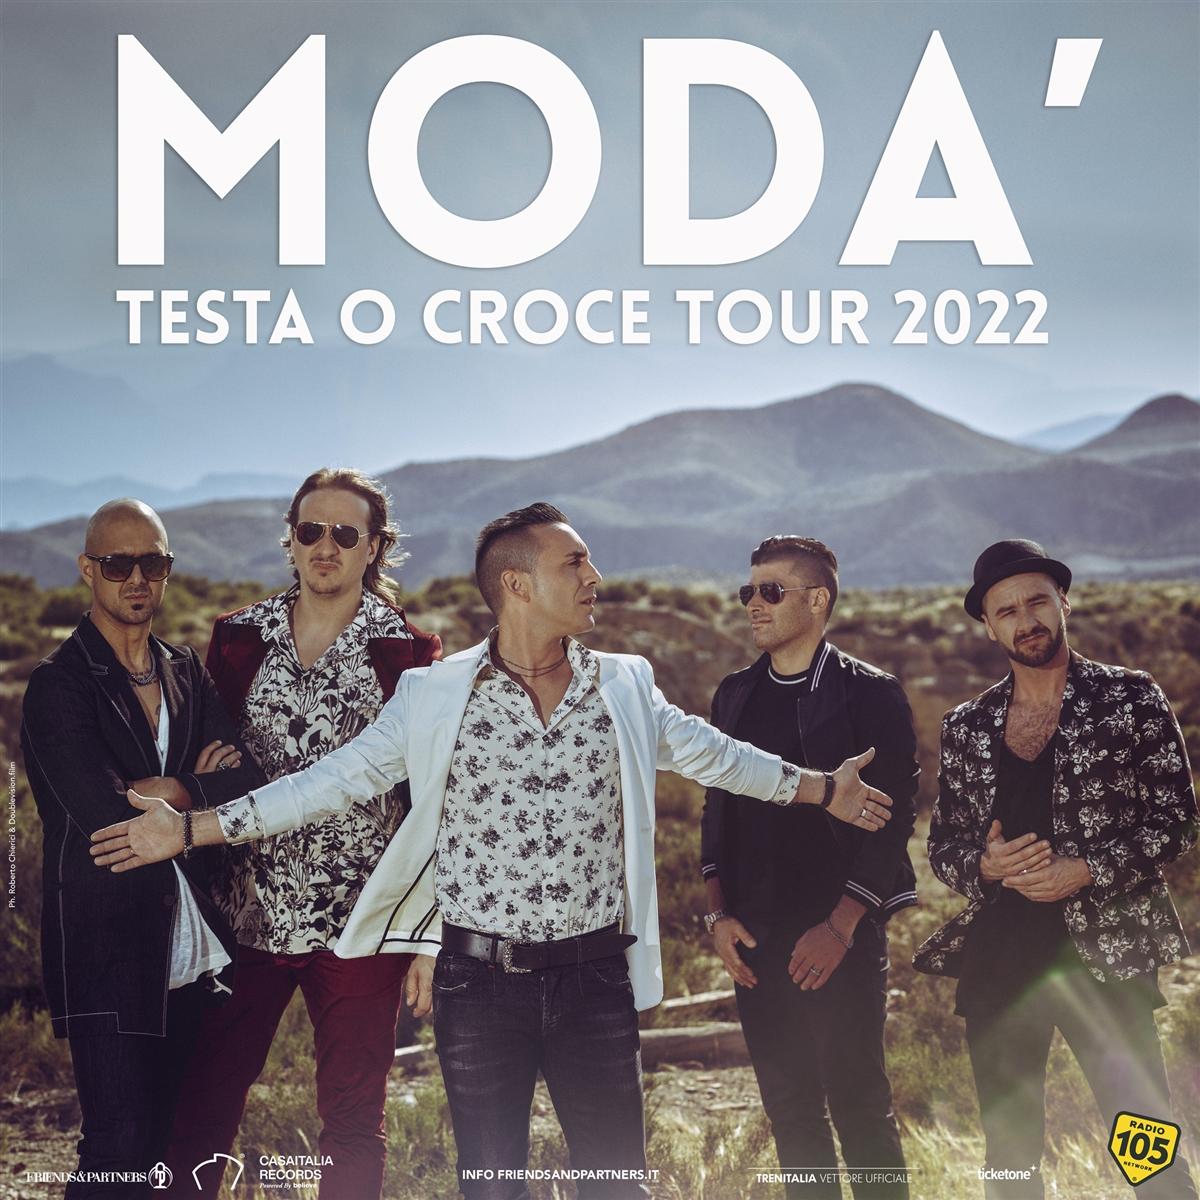 """MODÀ, RINVIATO AL 2022 IL """"TESTA O CROCE TOUR"""""""